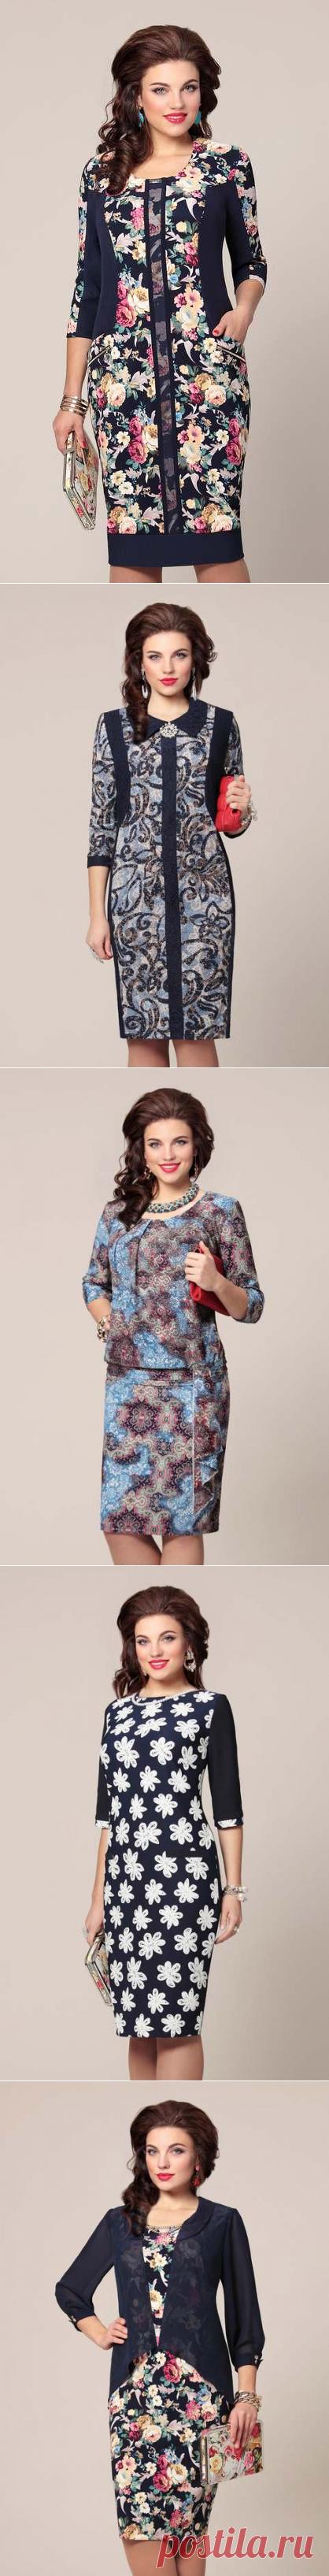 Платья для полных модниц белорусской компании Vittoria Queen. Осень-зима 2015-2016 | Платья и сарафаны для полных (5000 фото)